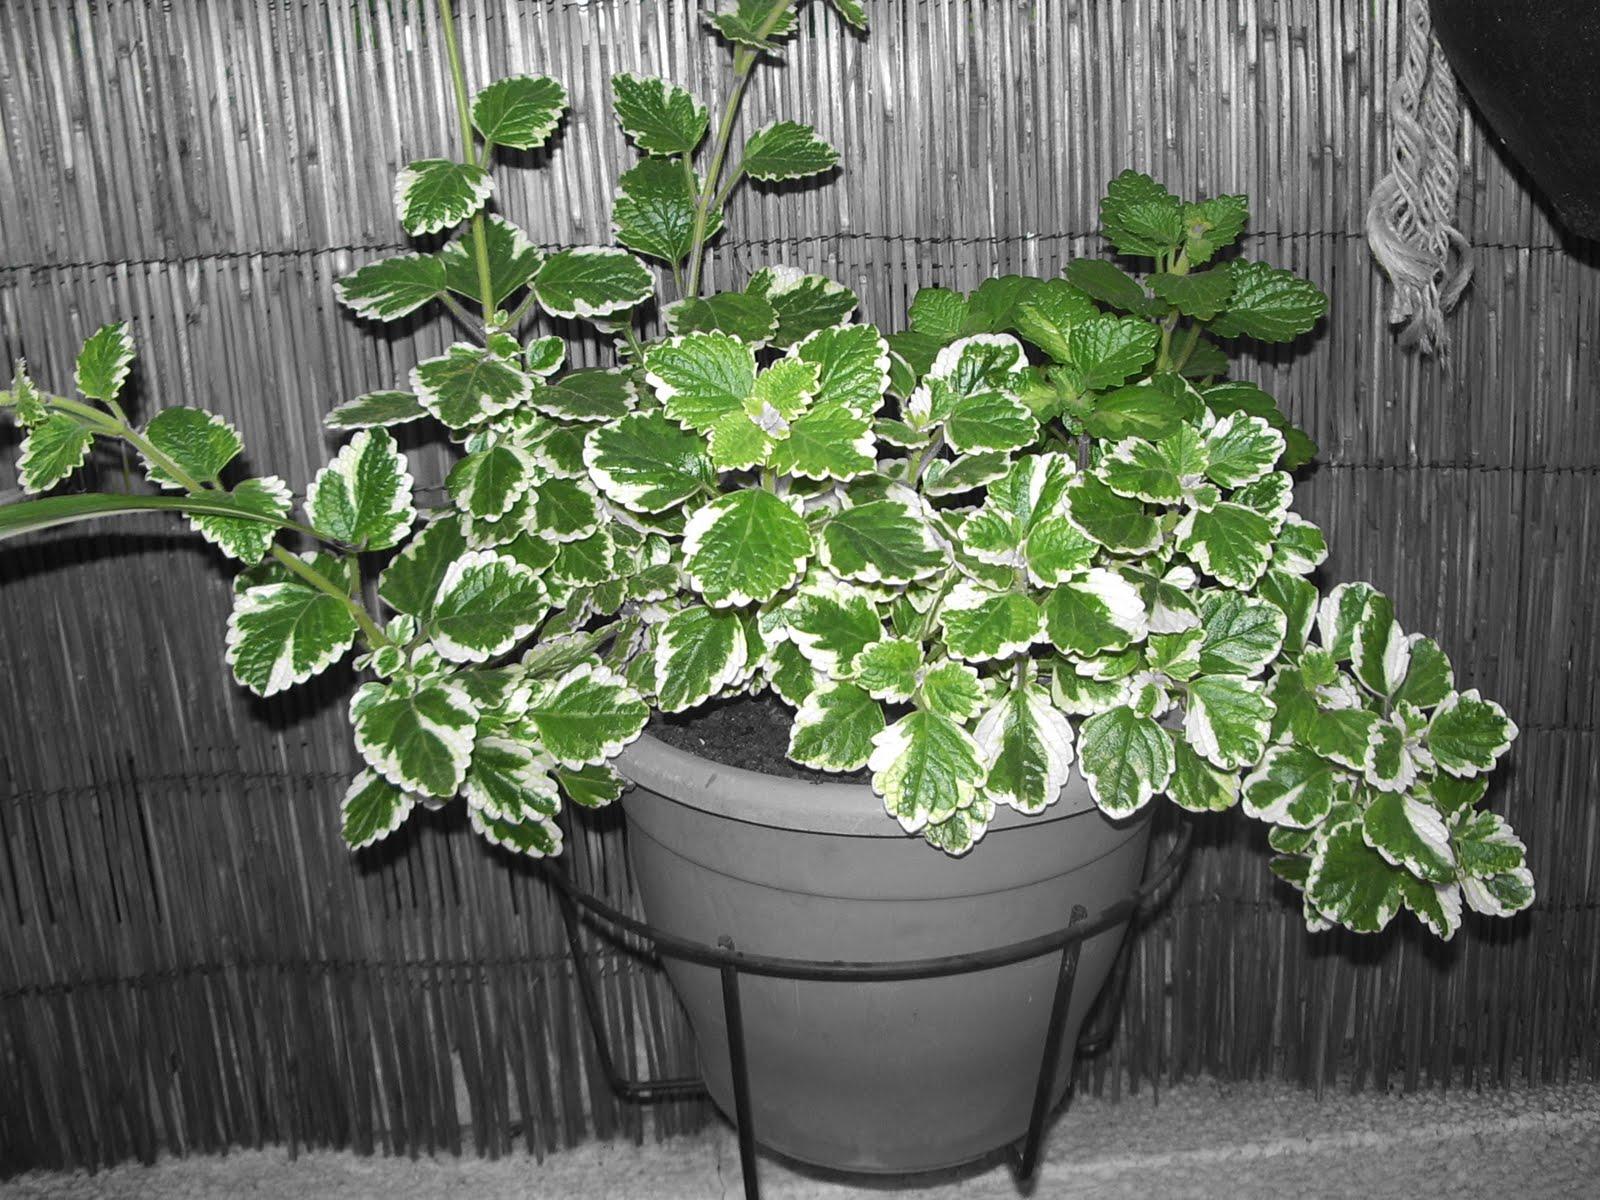 Un jardin en macetas - Plantas para macetas exterior resistentes ...